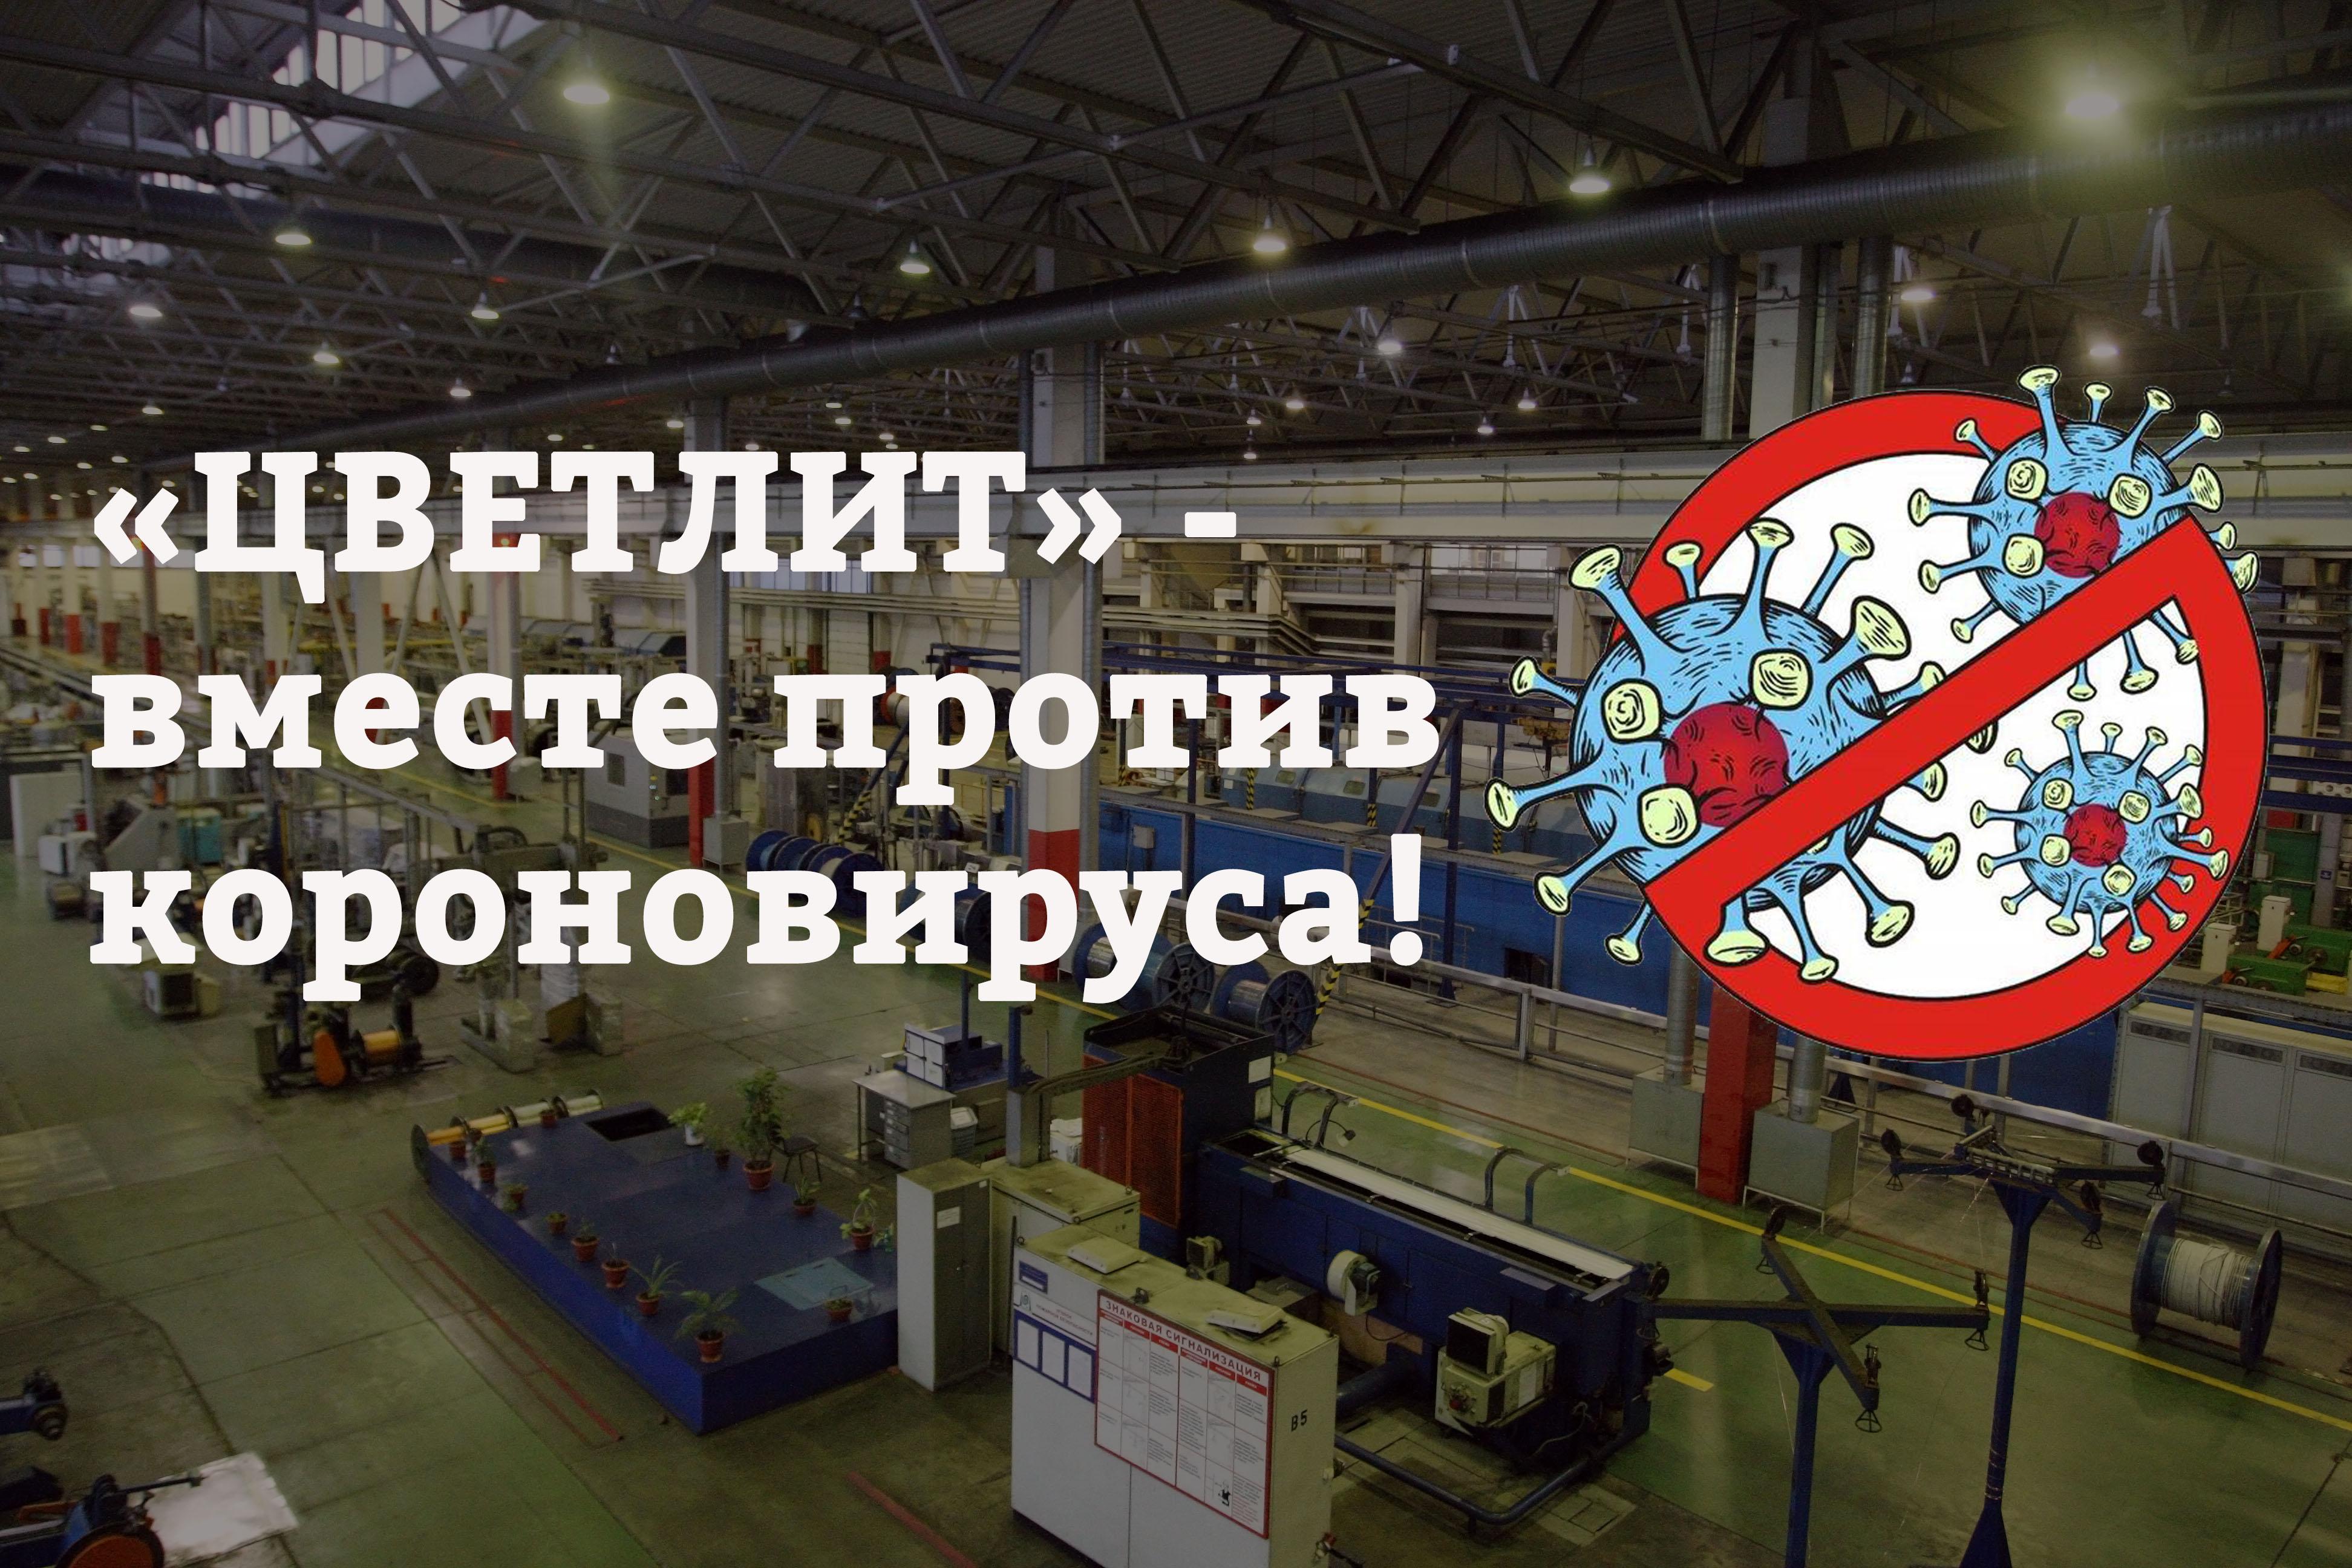 Кабельный завод «ЦВЕТЛИТ» - изготовление срочных заказов в условиях пандемии короновируса (COVID-19)